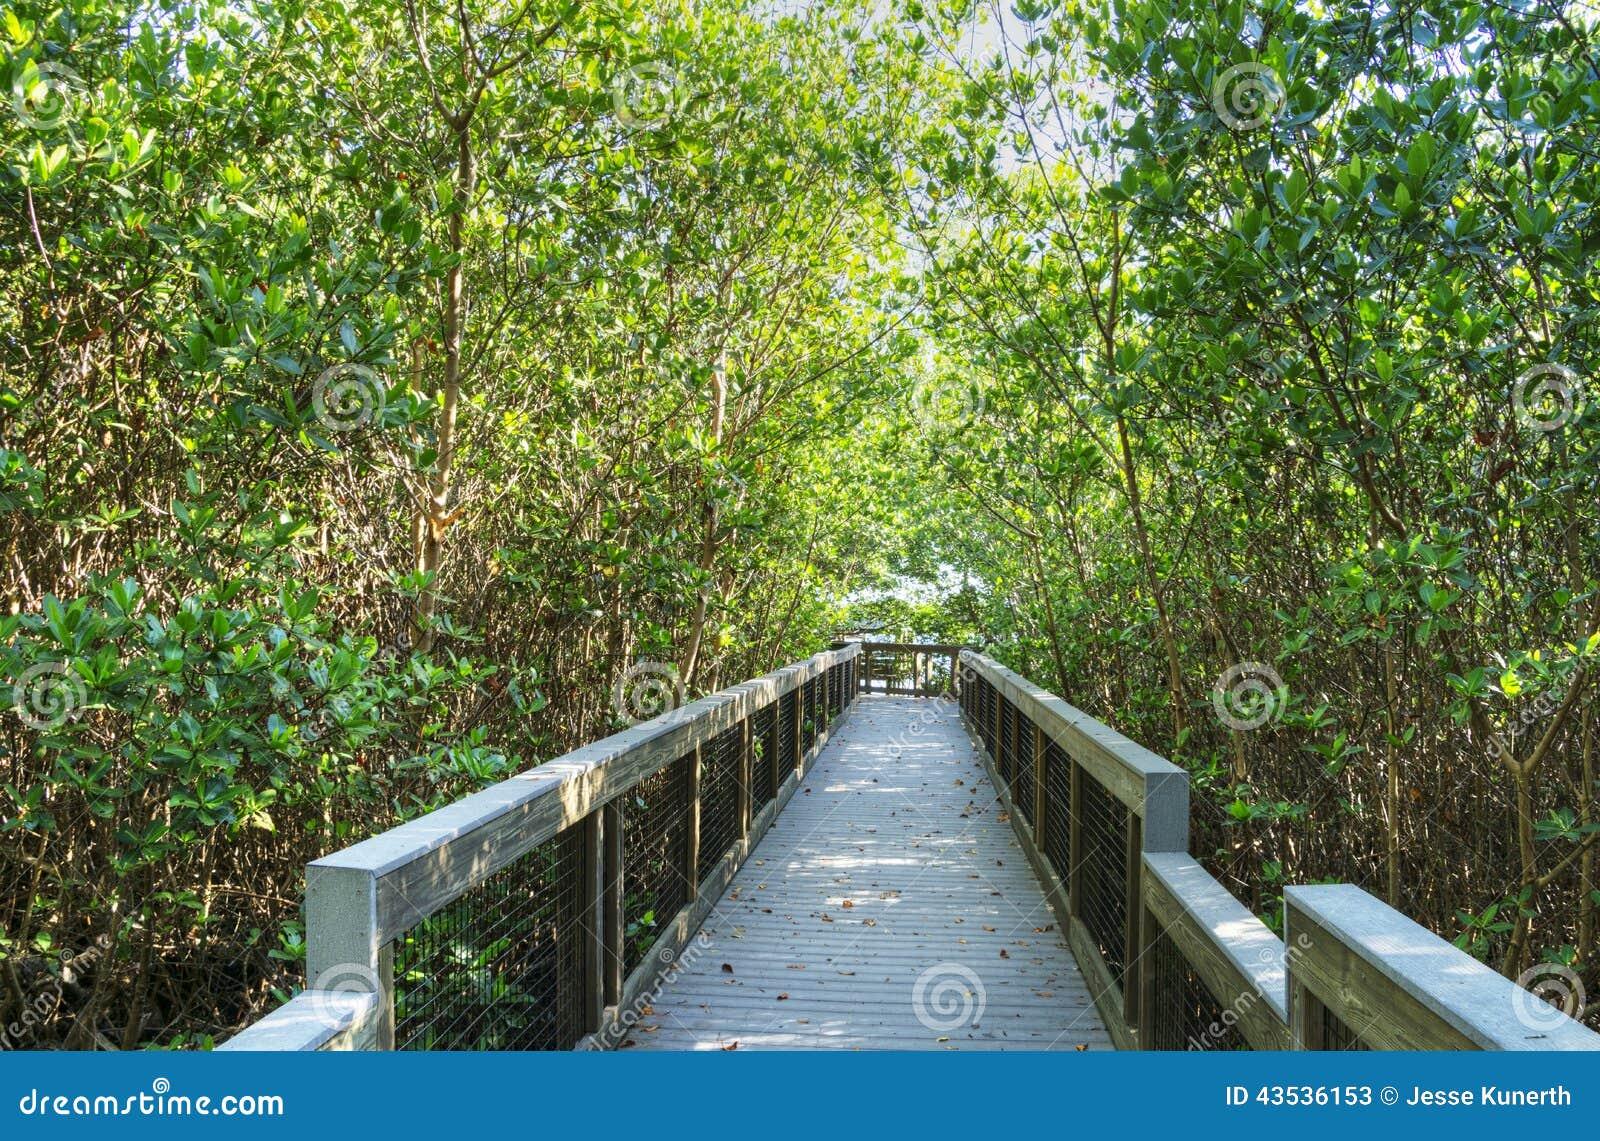 丁亲爱的自然保护区的木板走道